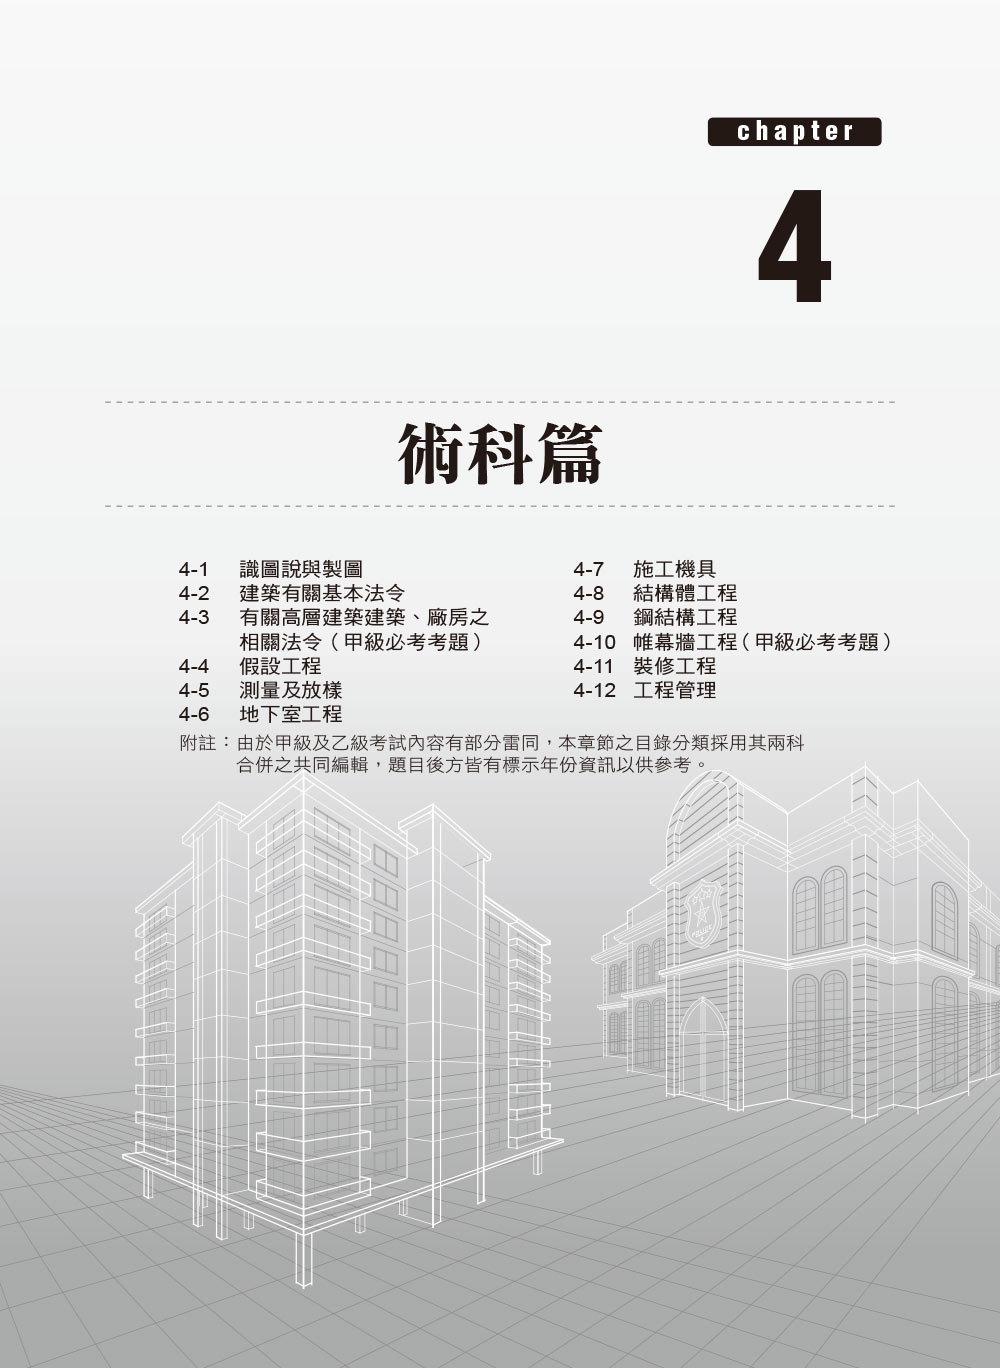 建築工程管理技能檢定全攻略 最詳細甲乙級學術科試題解析-preview-3